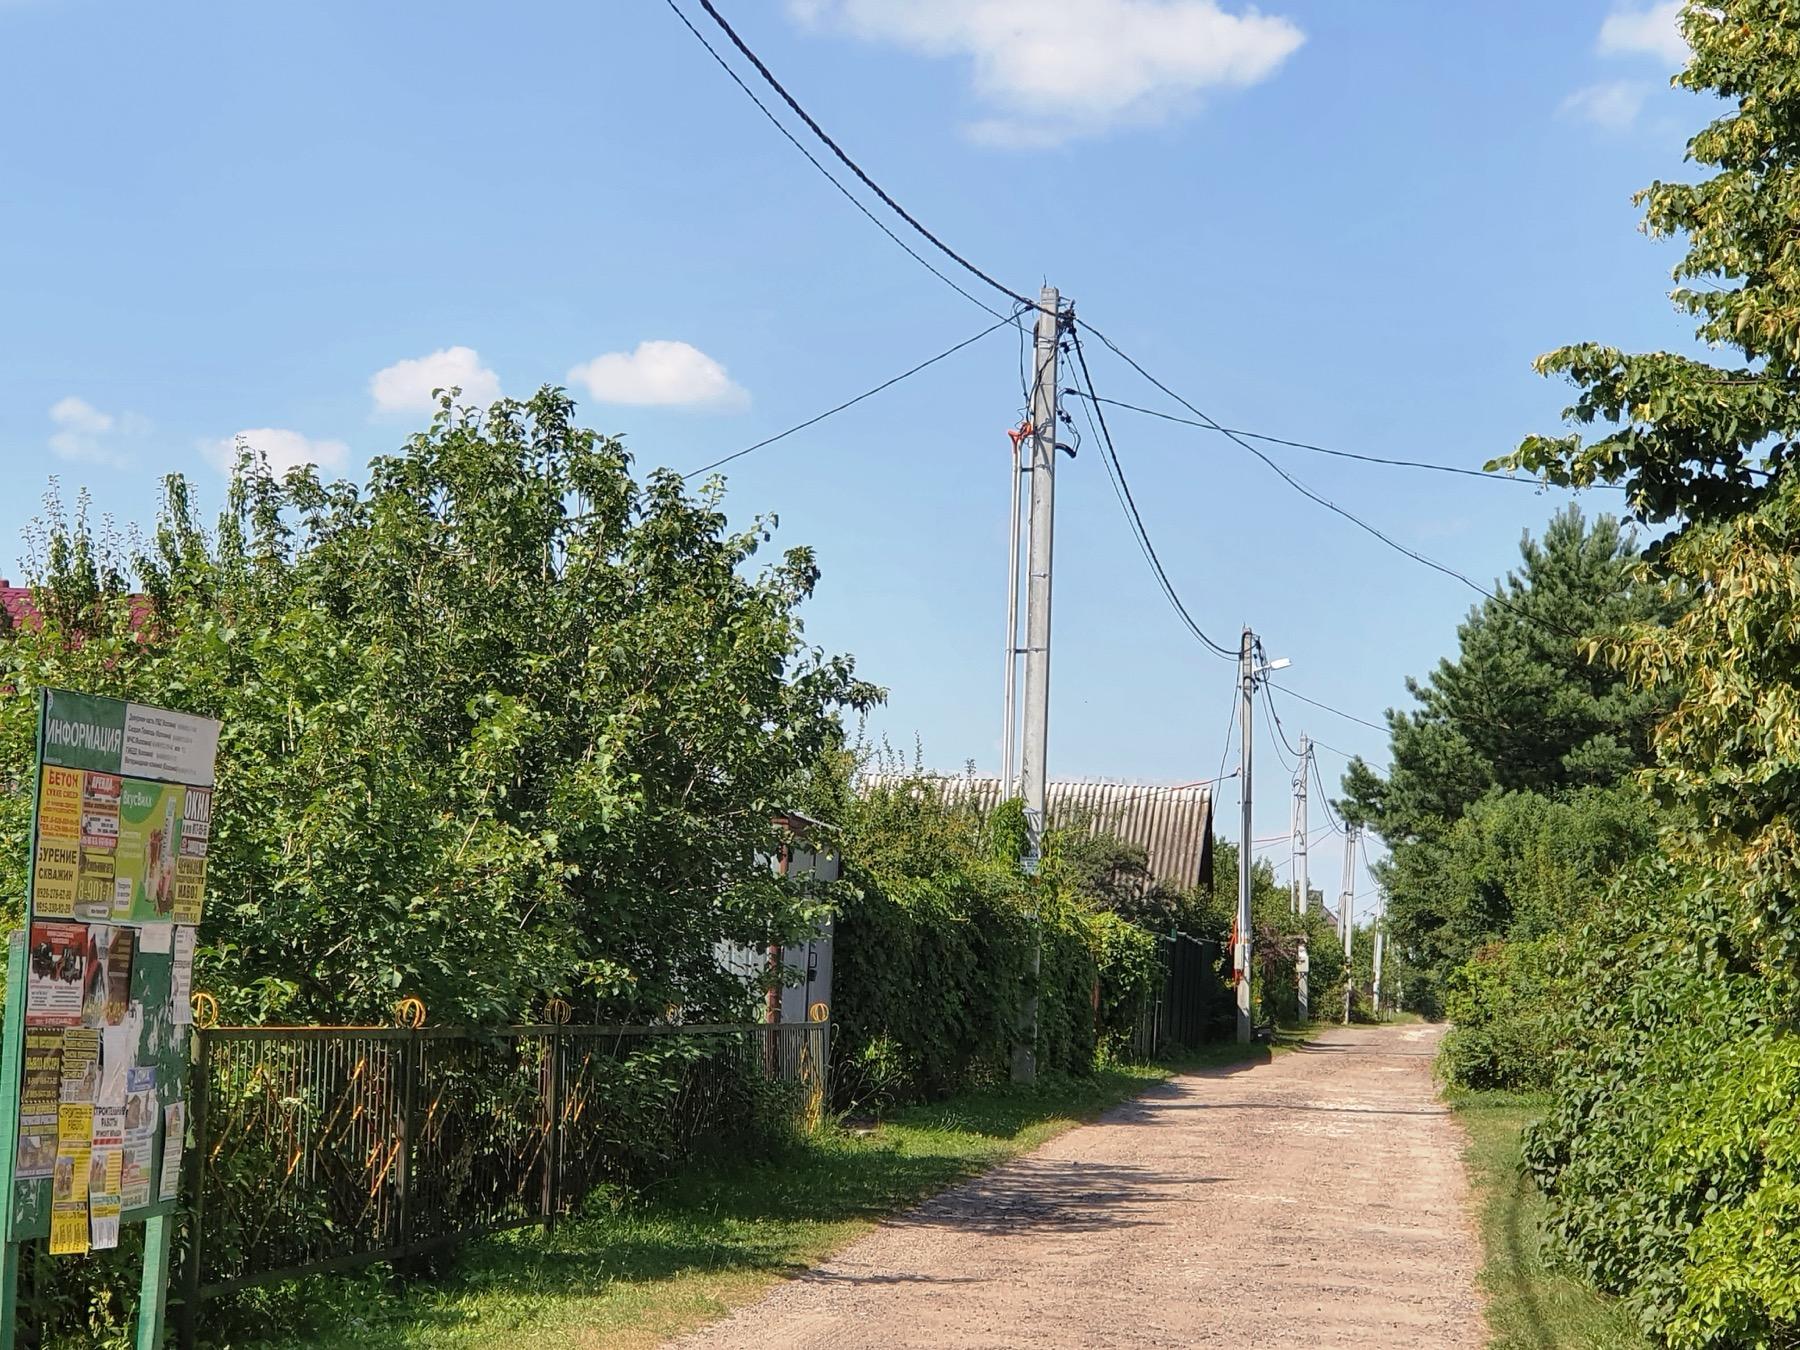 Коломенские садоводы благодарят энергетиков «Россети Московский регион»